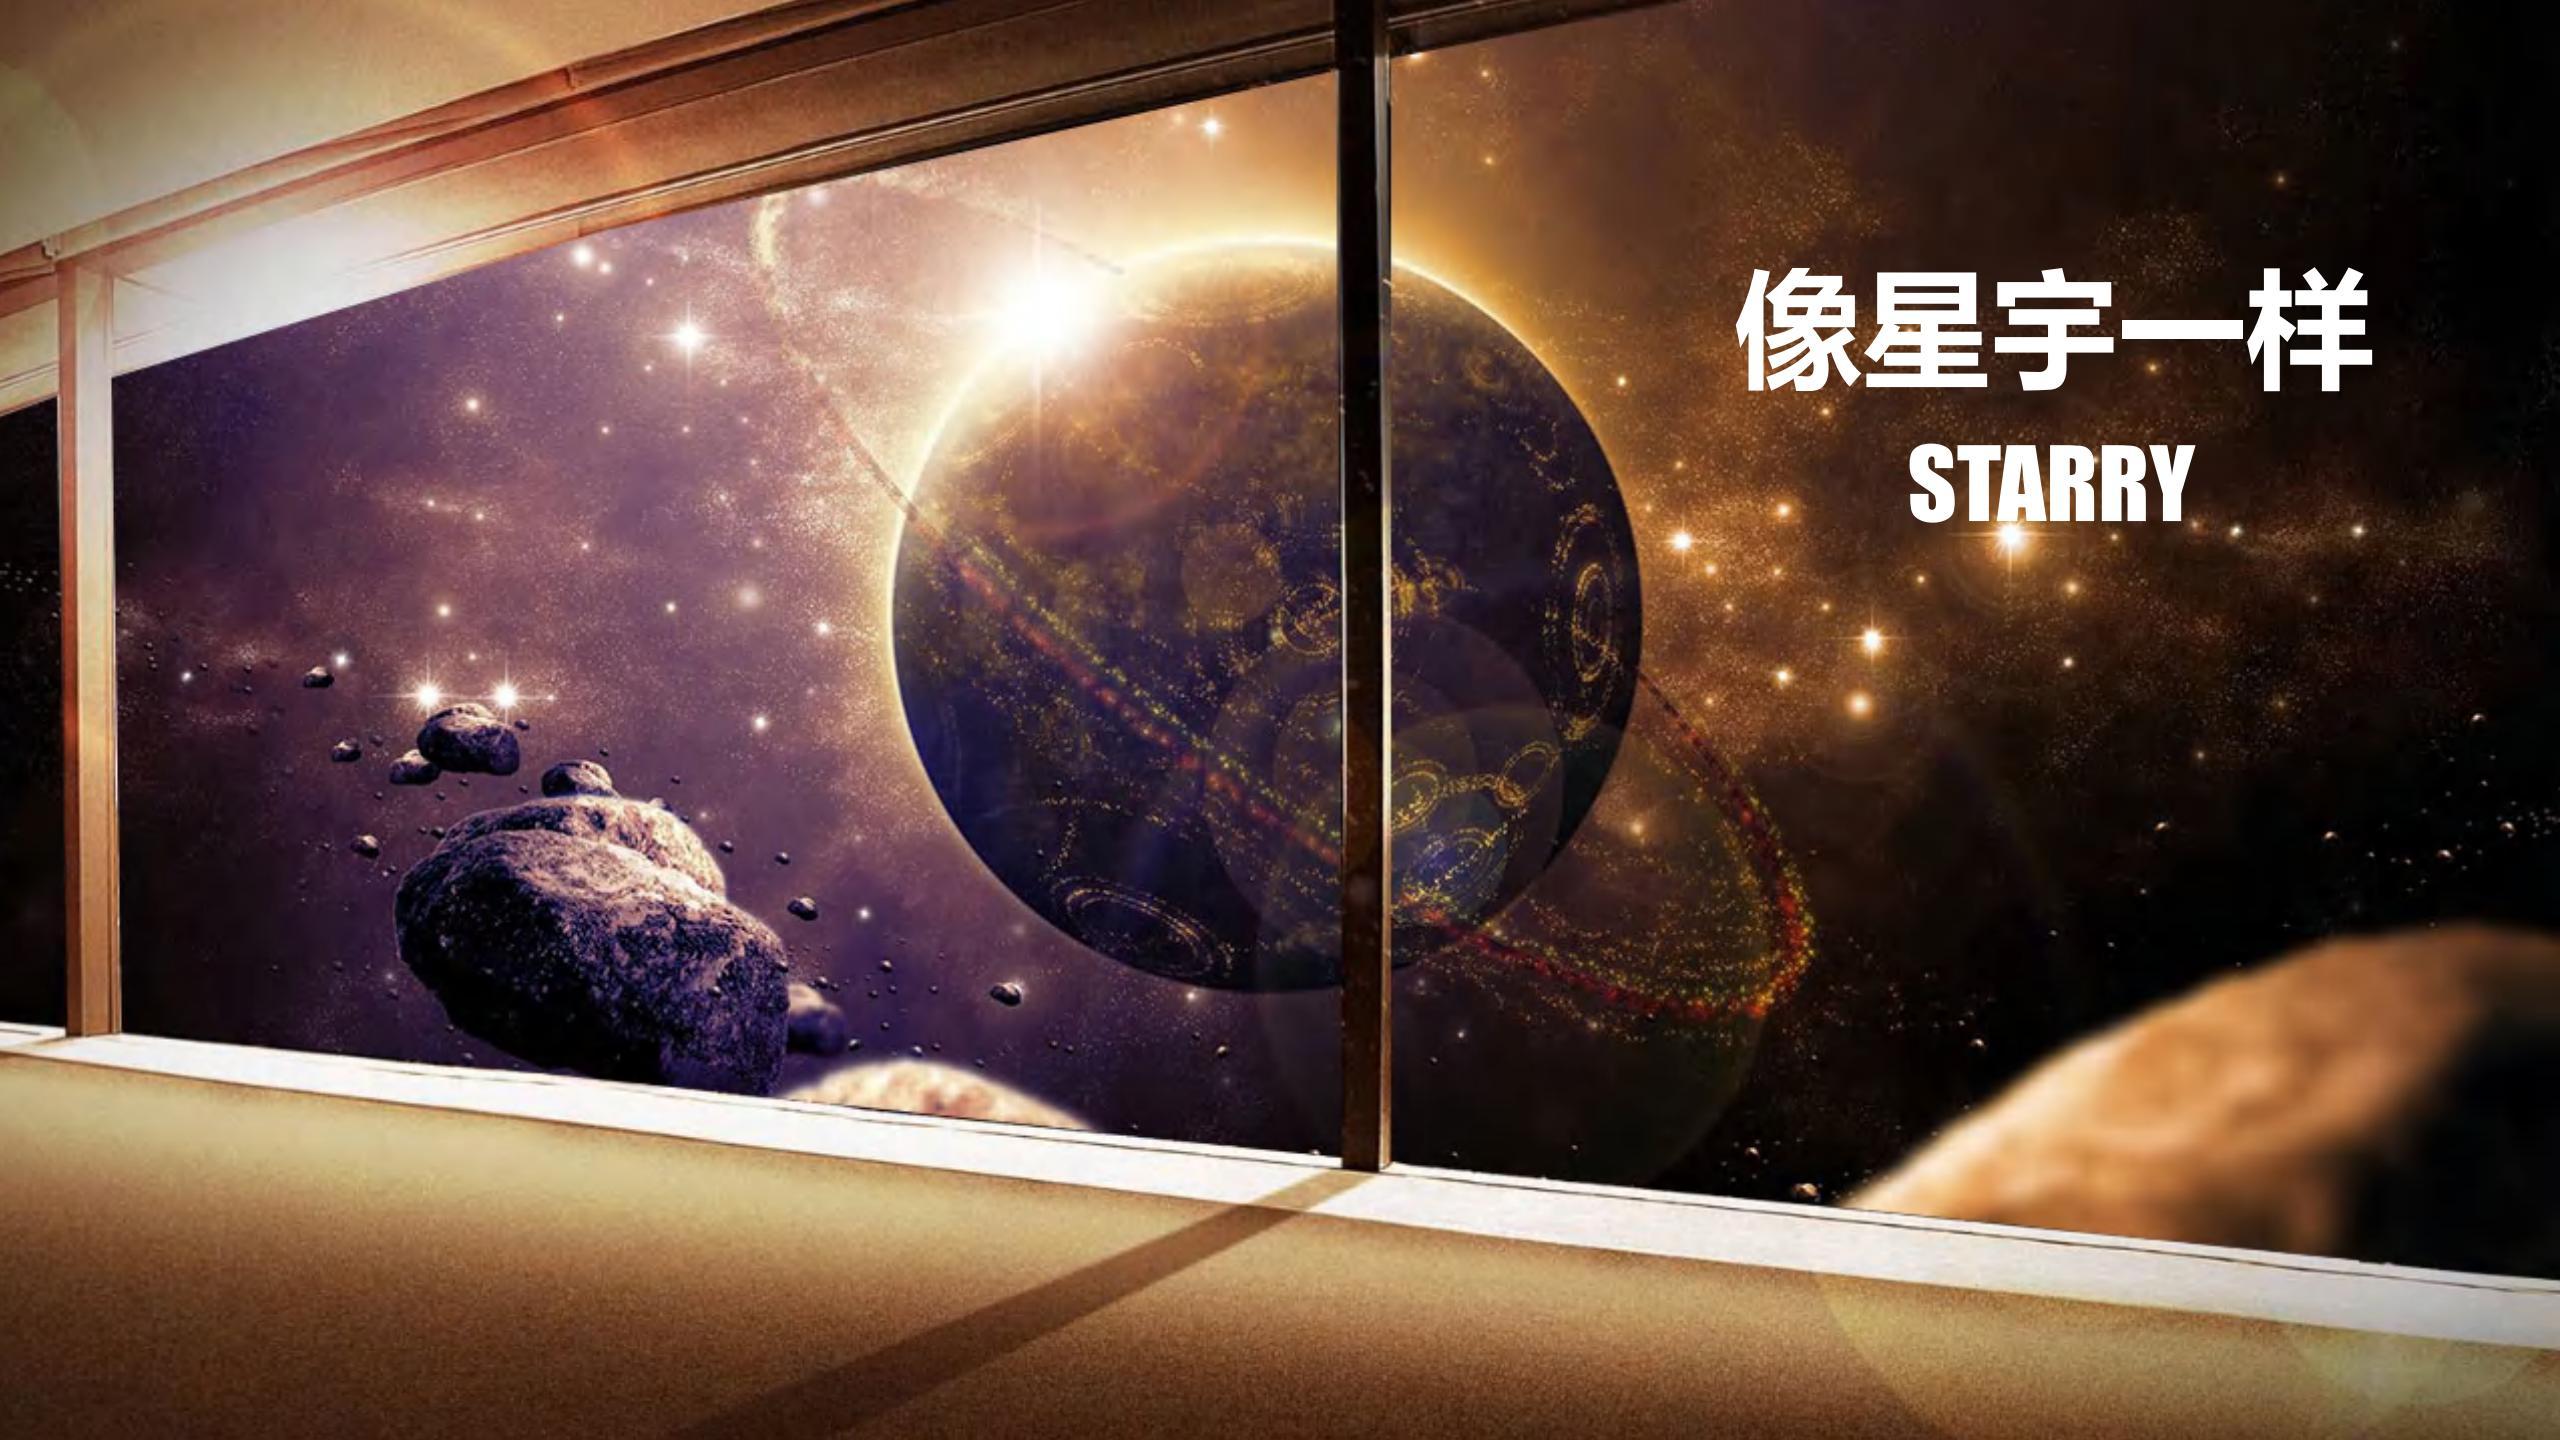 2018益华国际商场开业活动策划方案,及营销推广活动策划方案